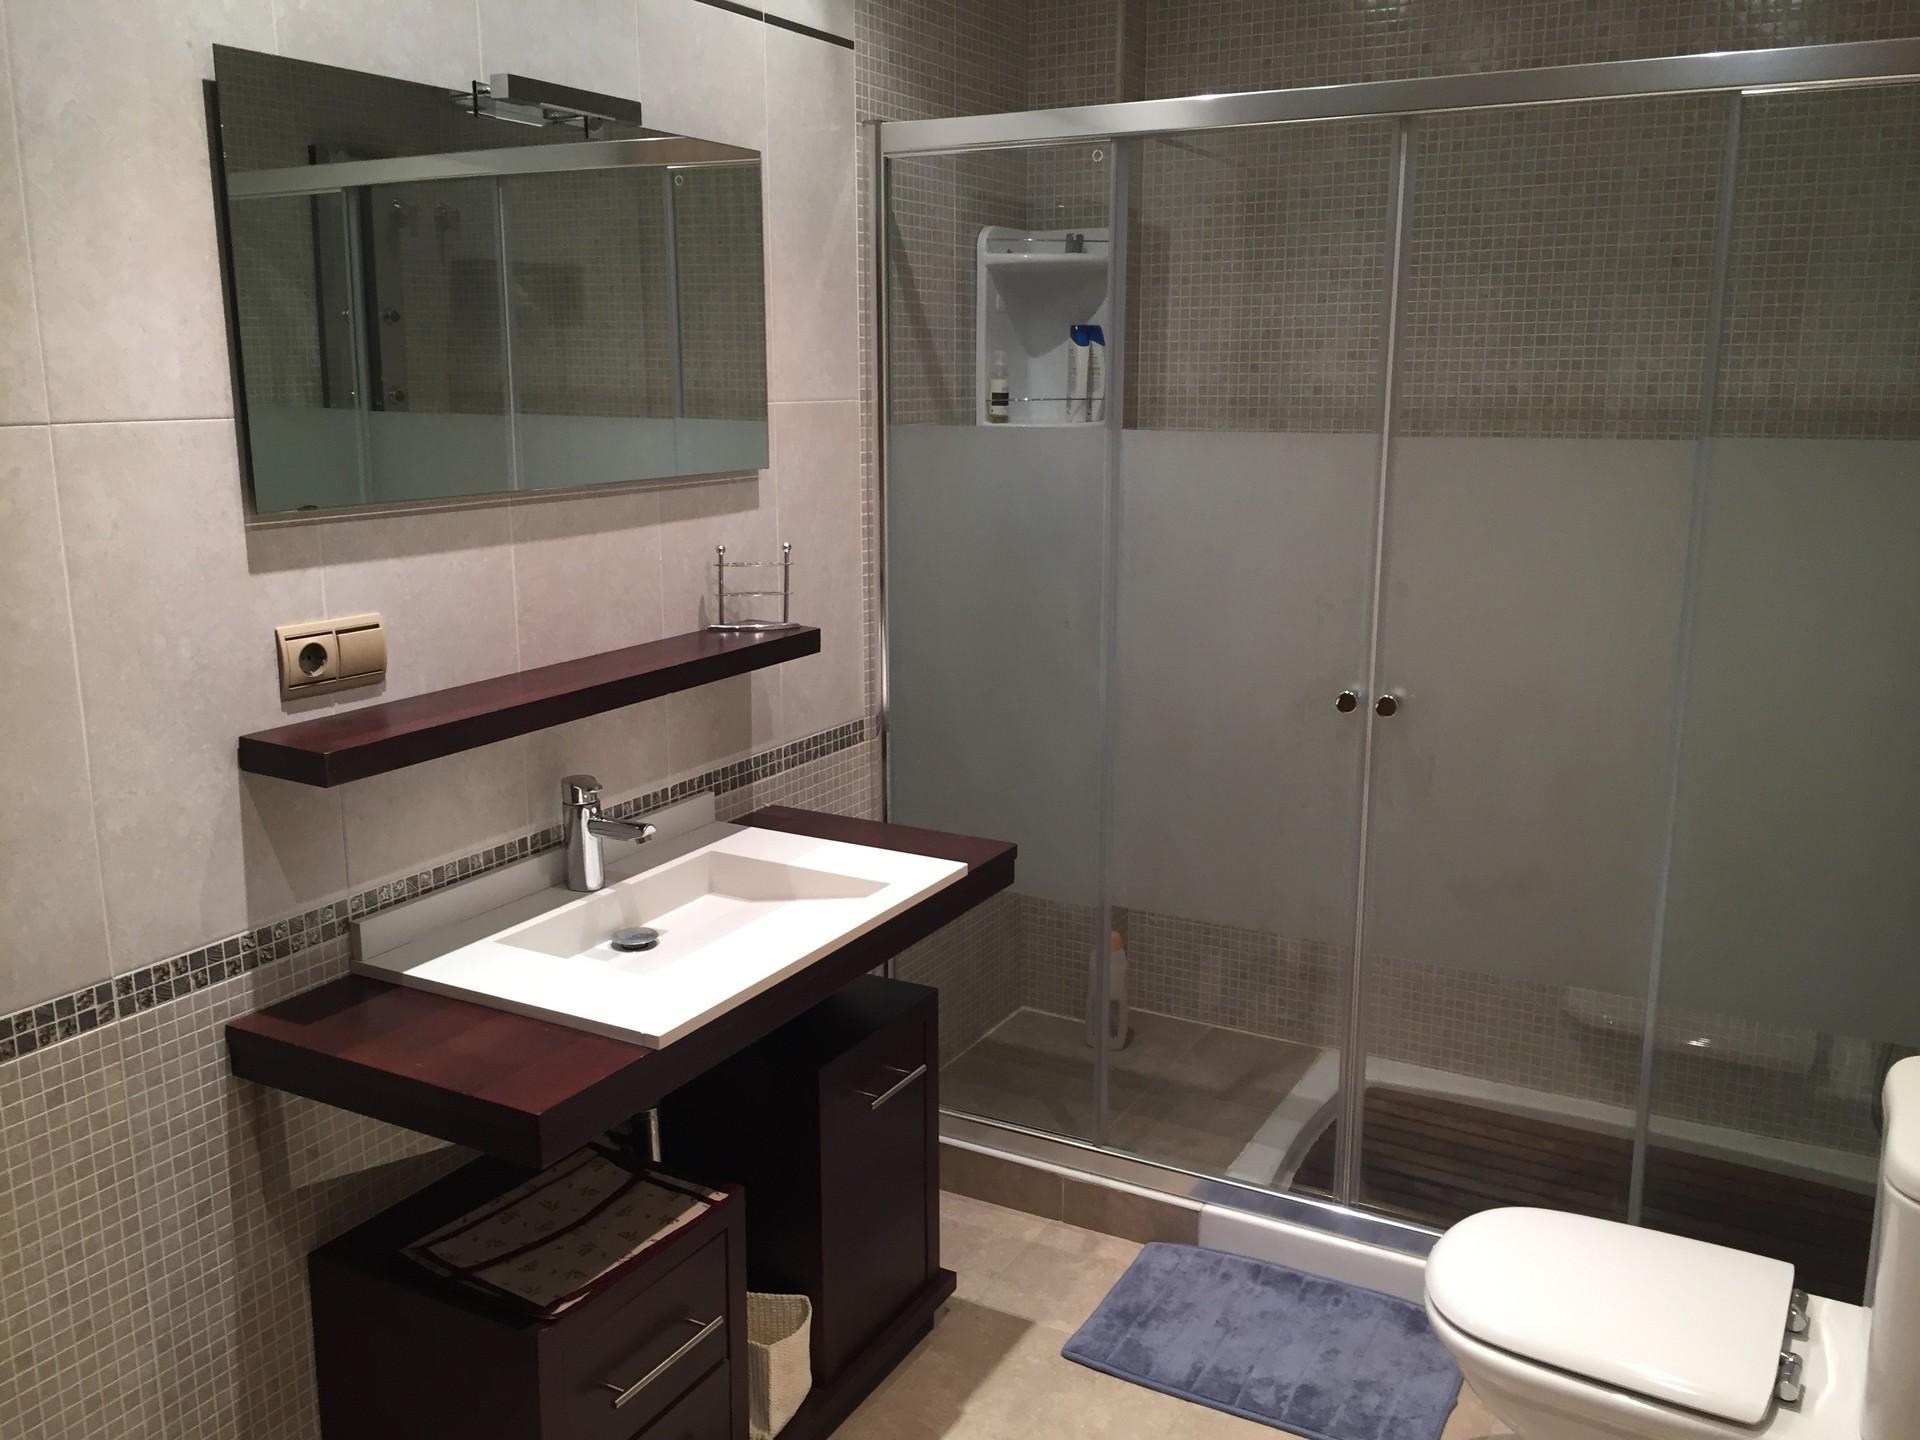 Requisitos Baño Adaptado:Habitación con cama de matrimonio y baño privado, a 10min del centro